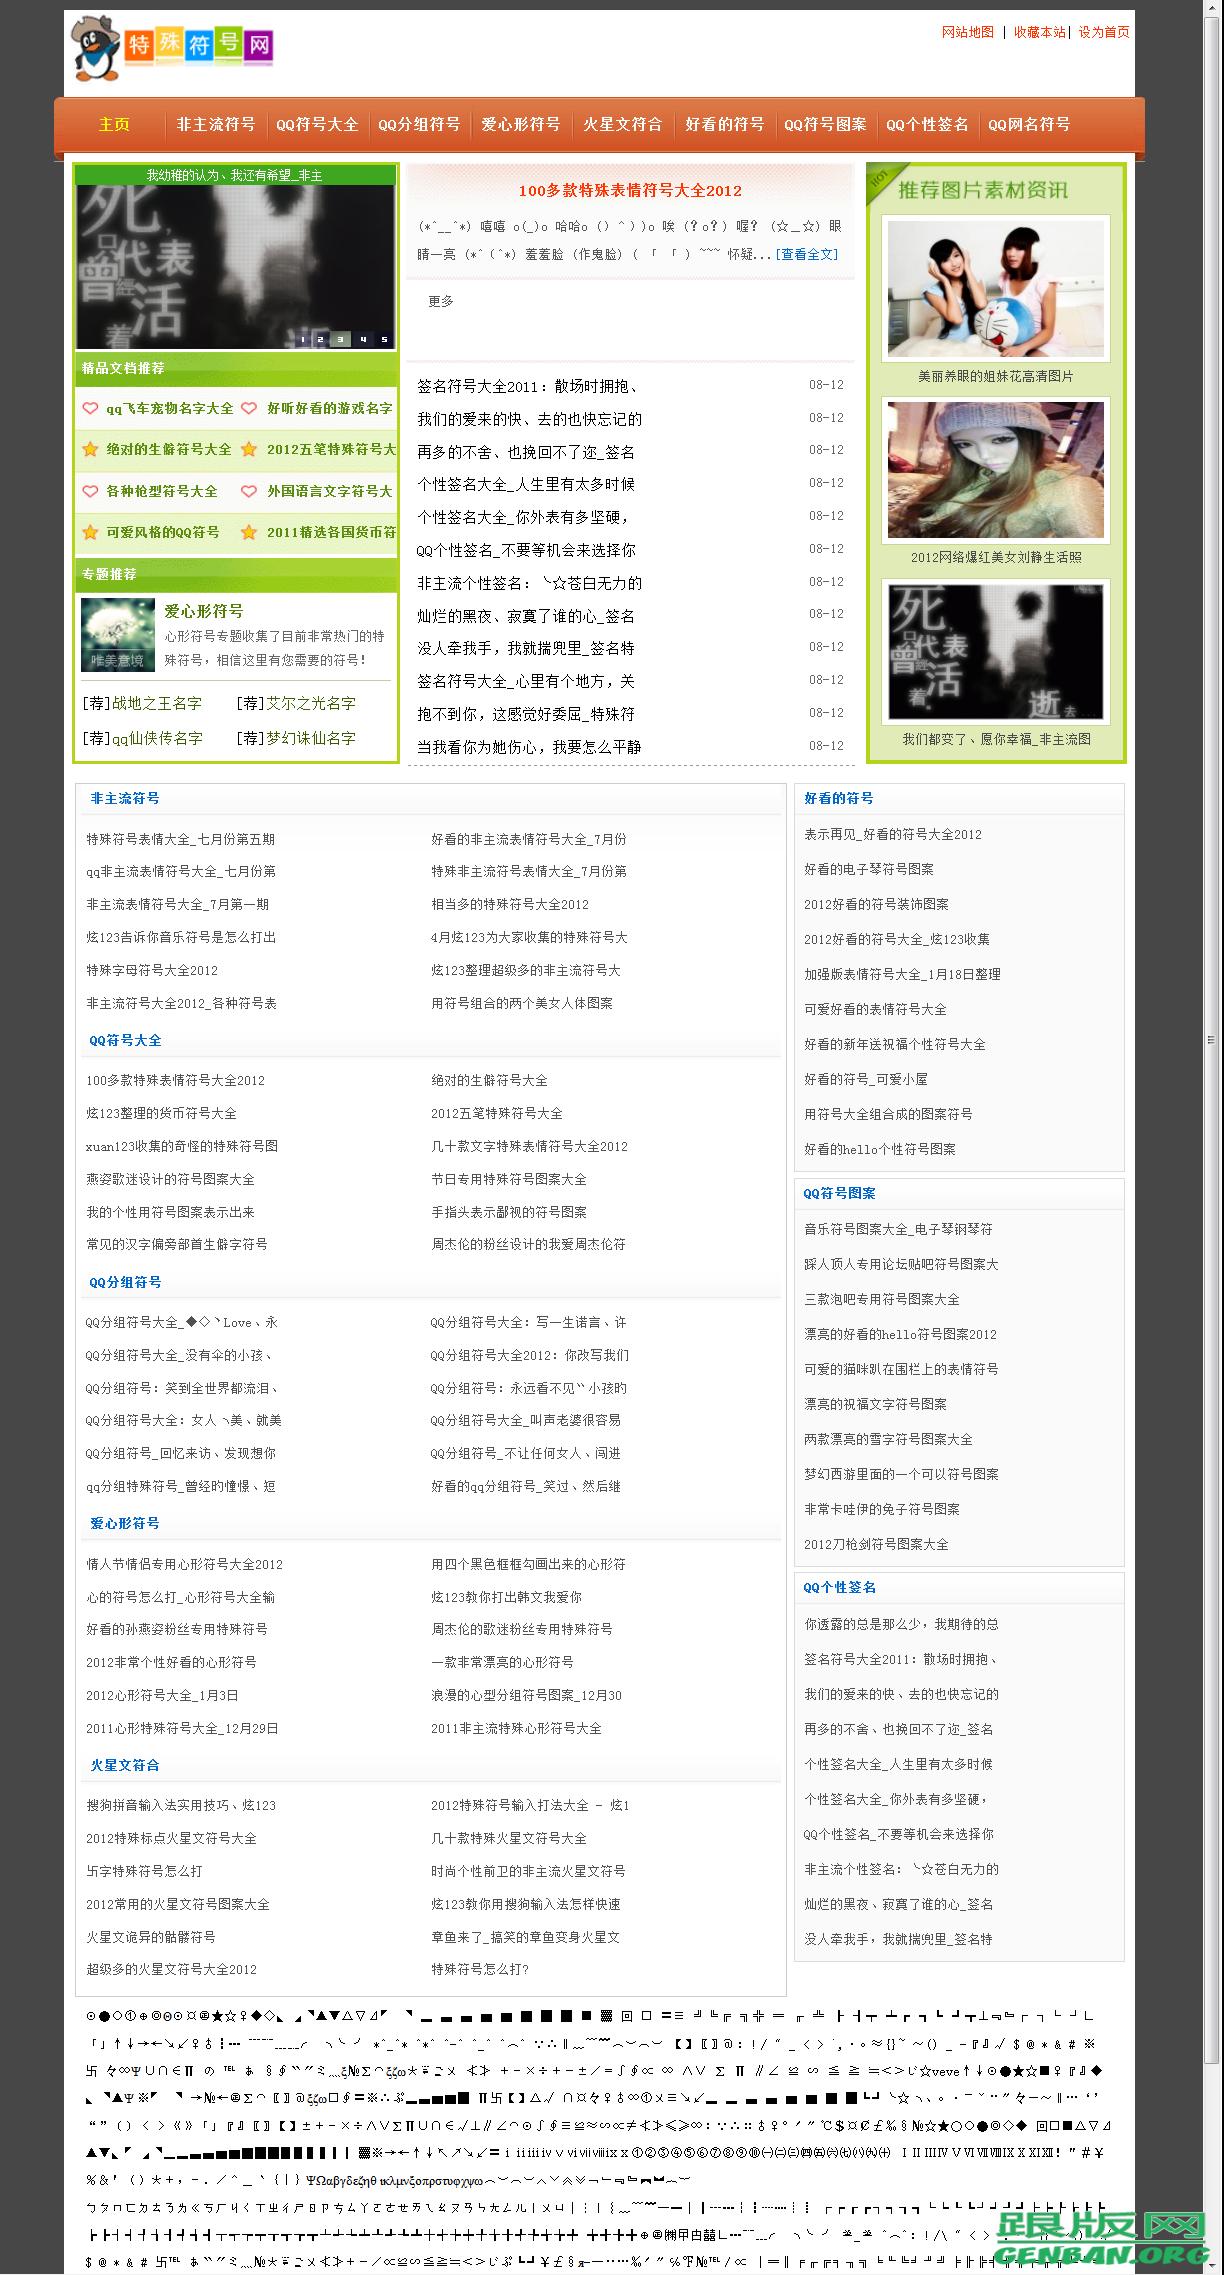 QQ符号网源码_QQ类网站源码_精品QQ类网站源码